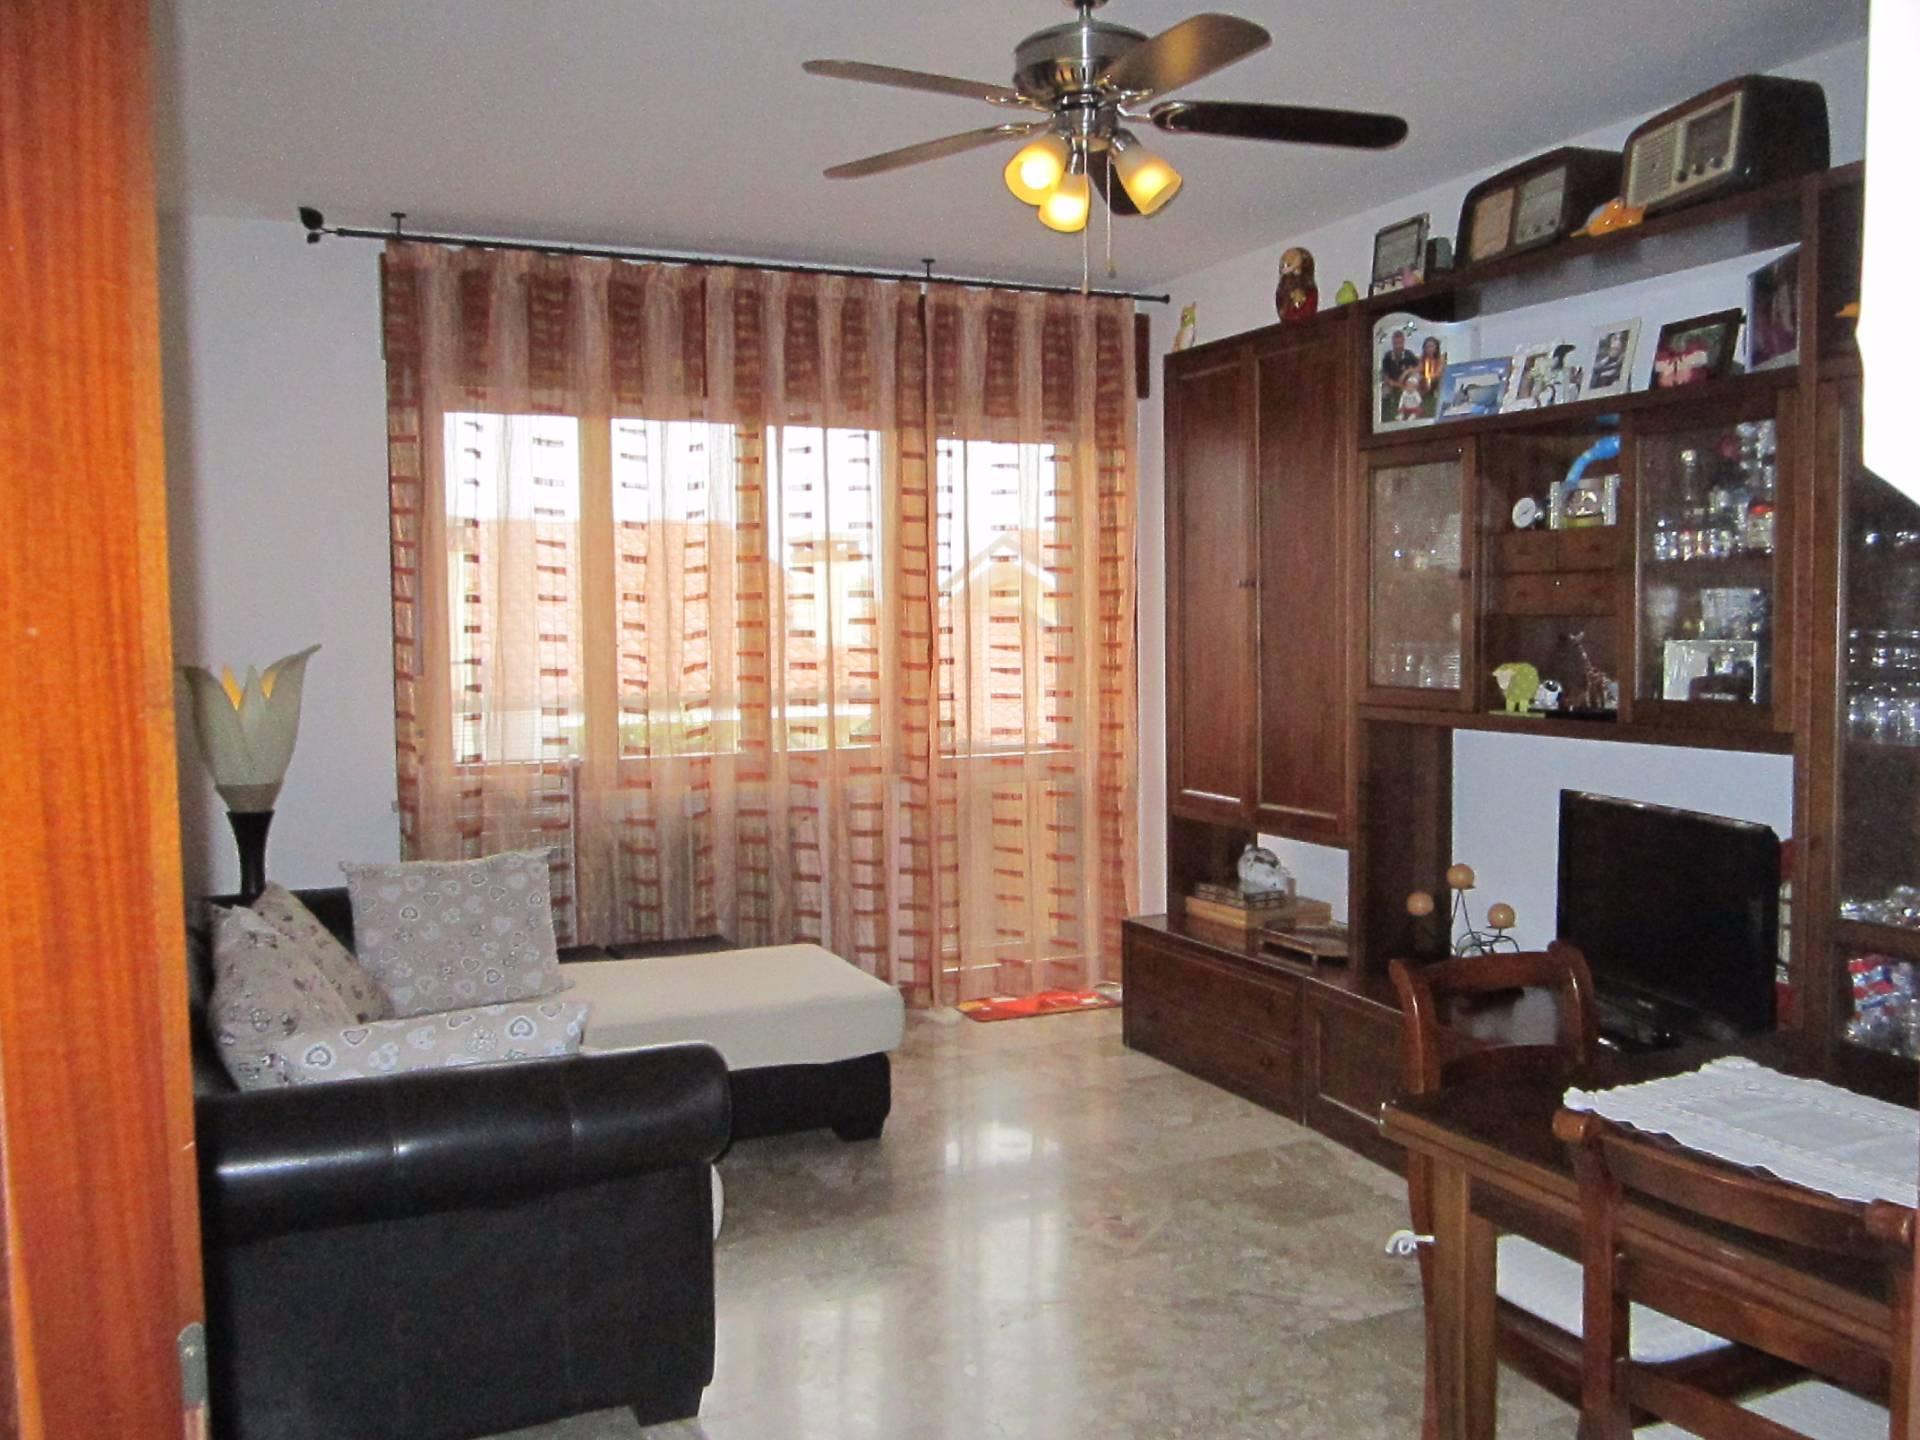 Appartamento in vendita a Maserada sul Piave, 6 locali, zona Zona: Candelù, prezzo € 89.000 | Cambio Casa.it